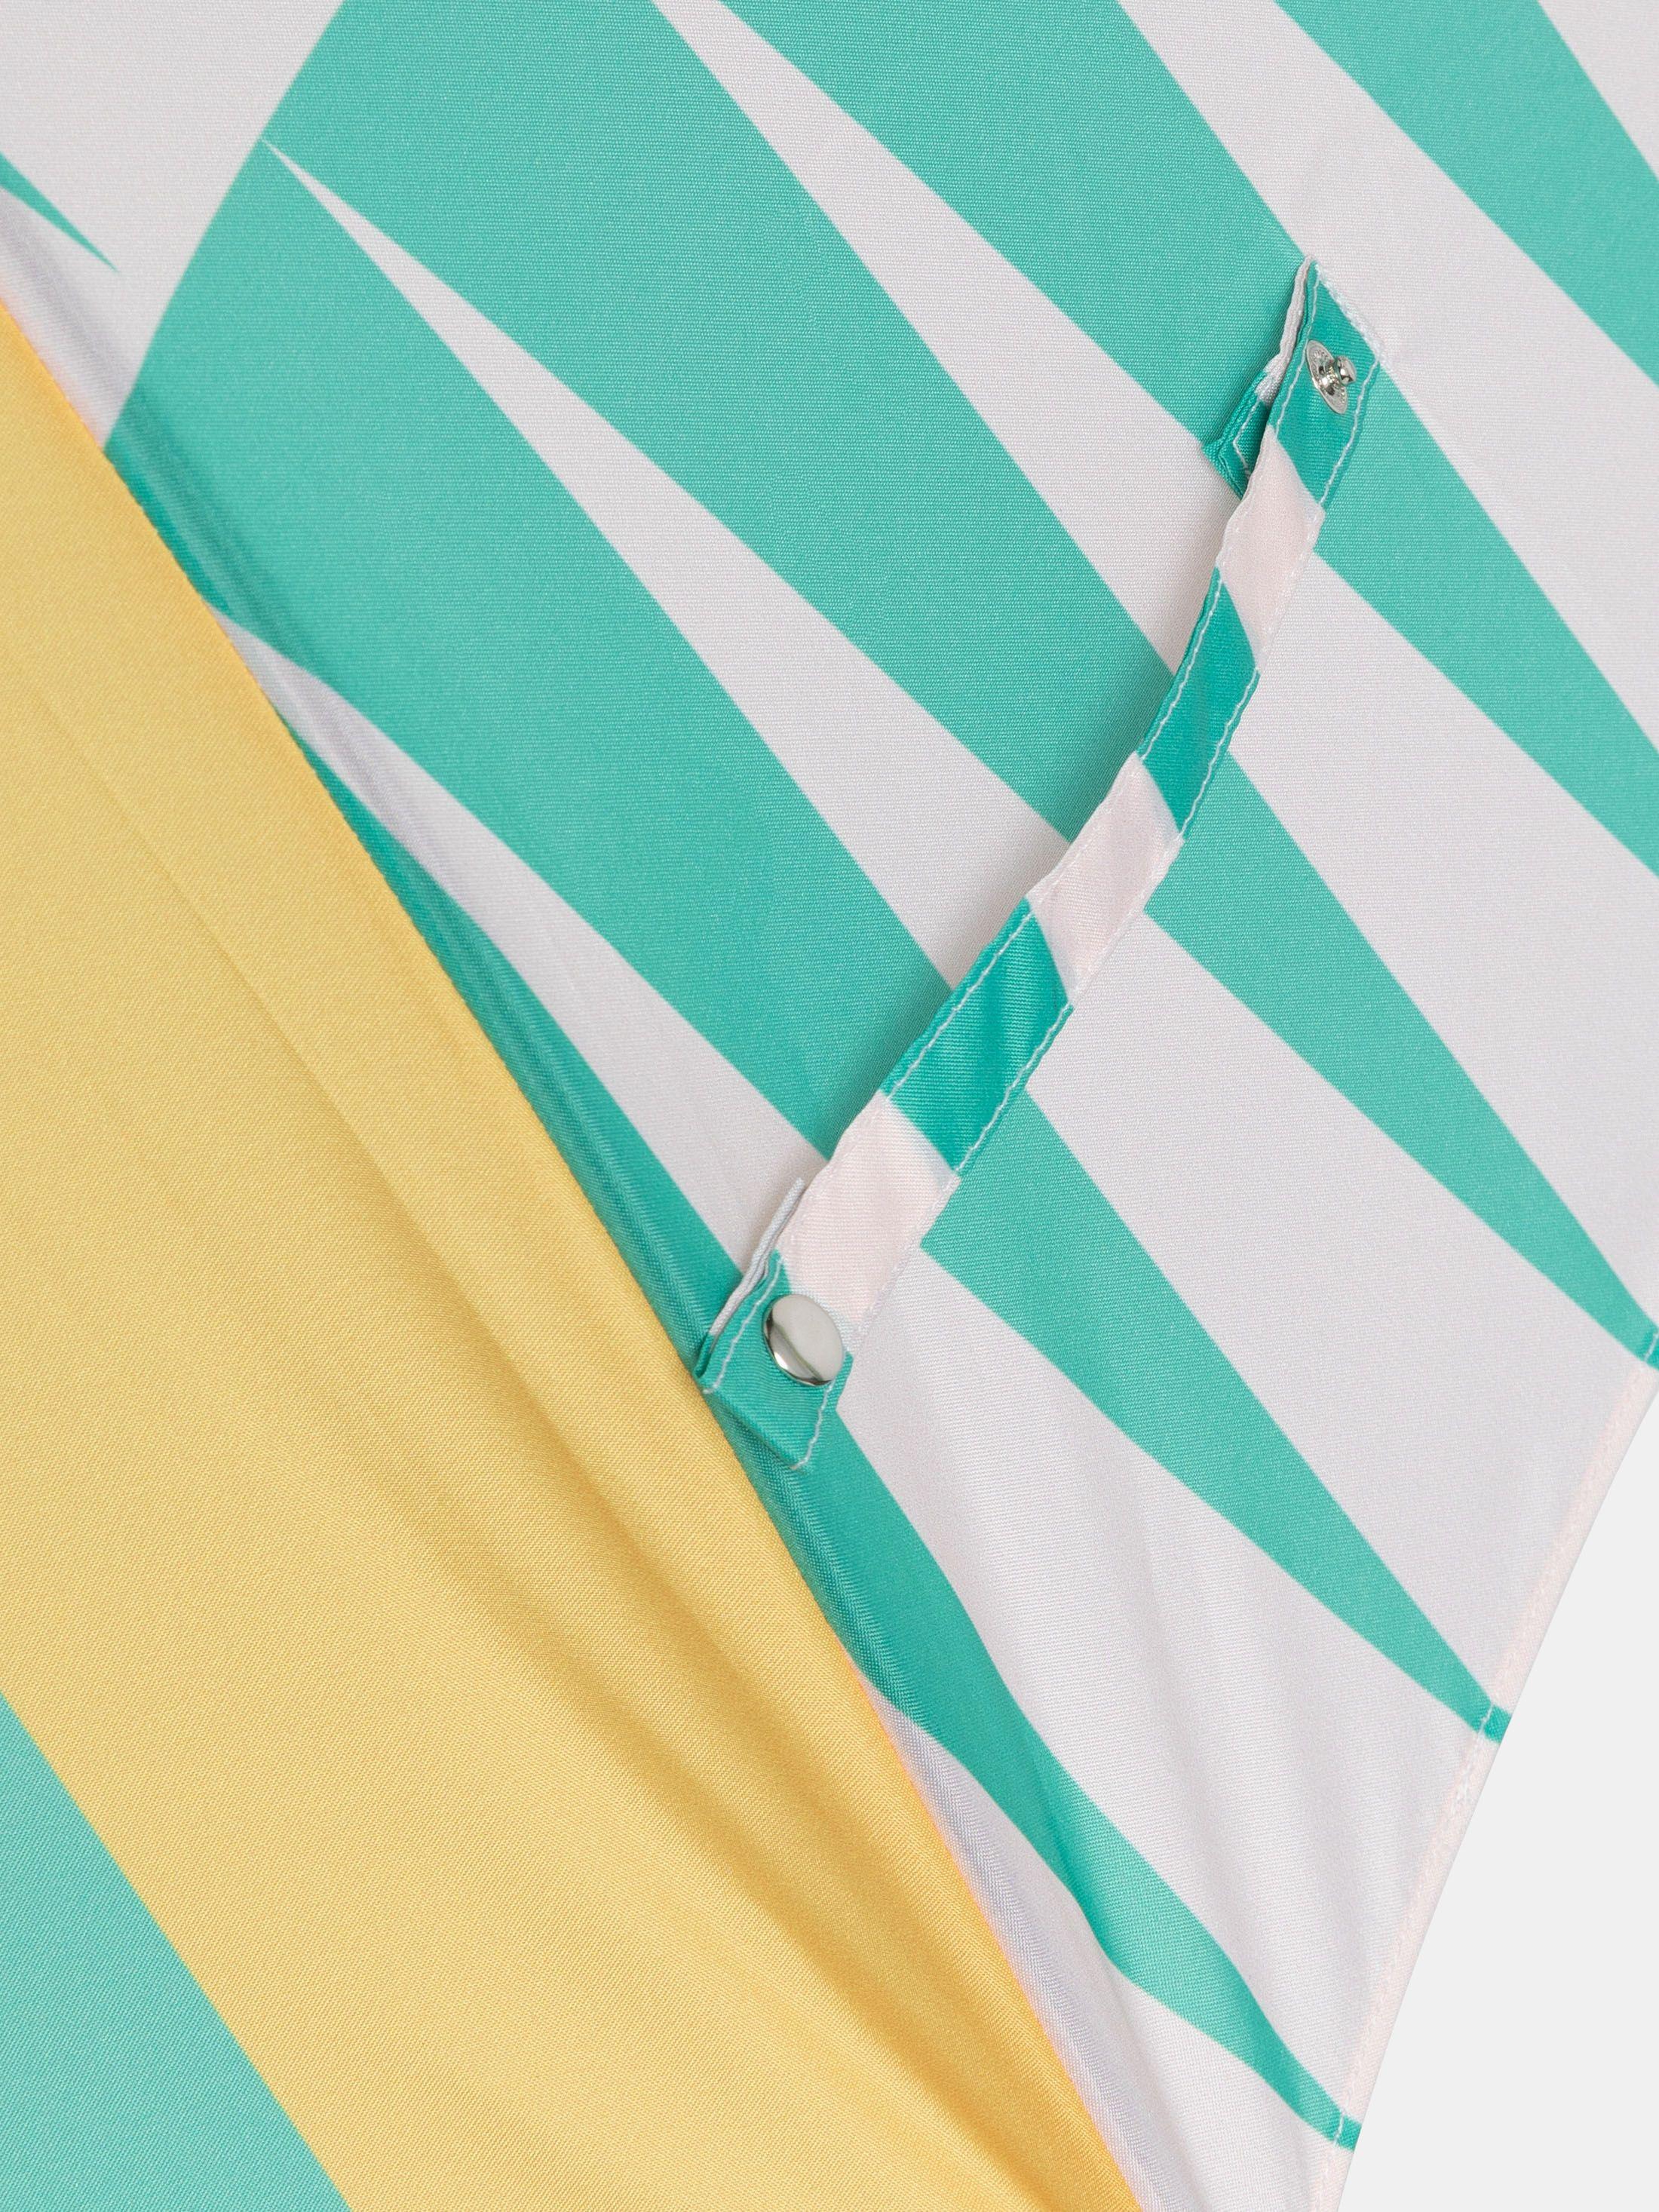 details of personalised umbrella